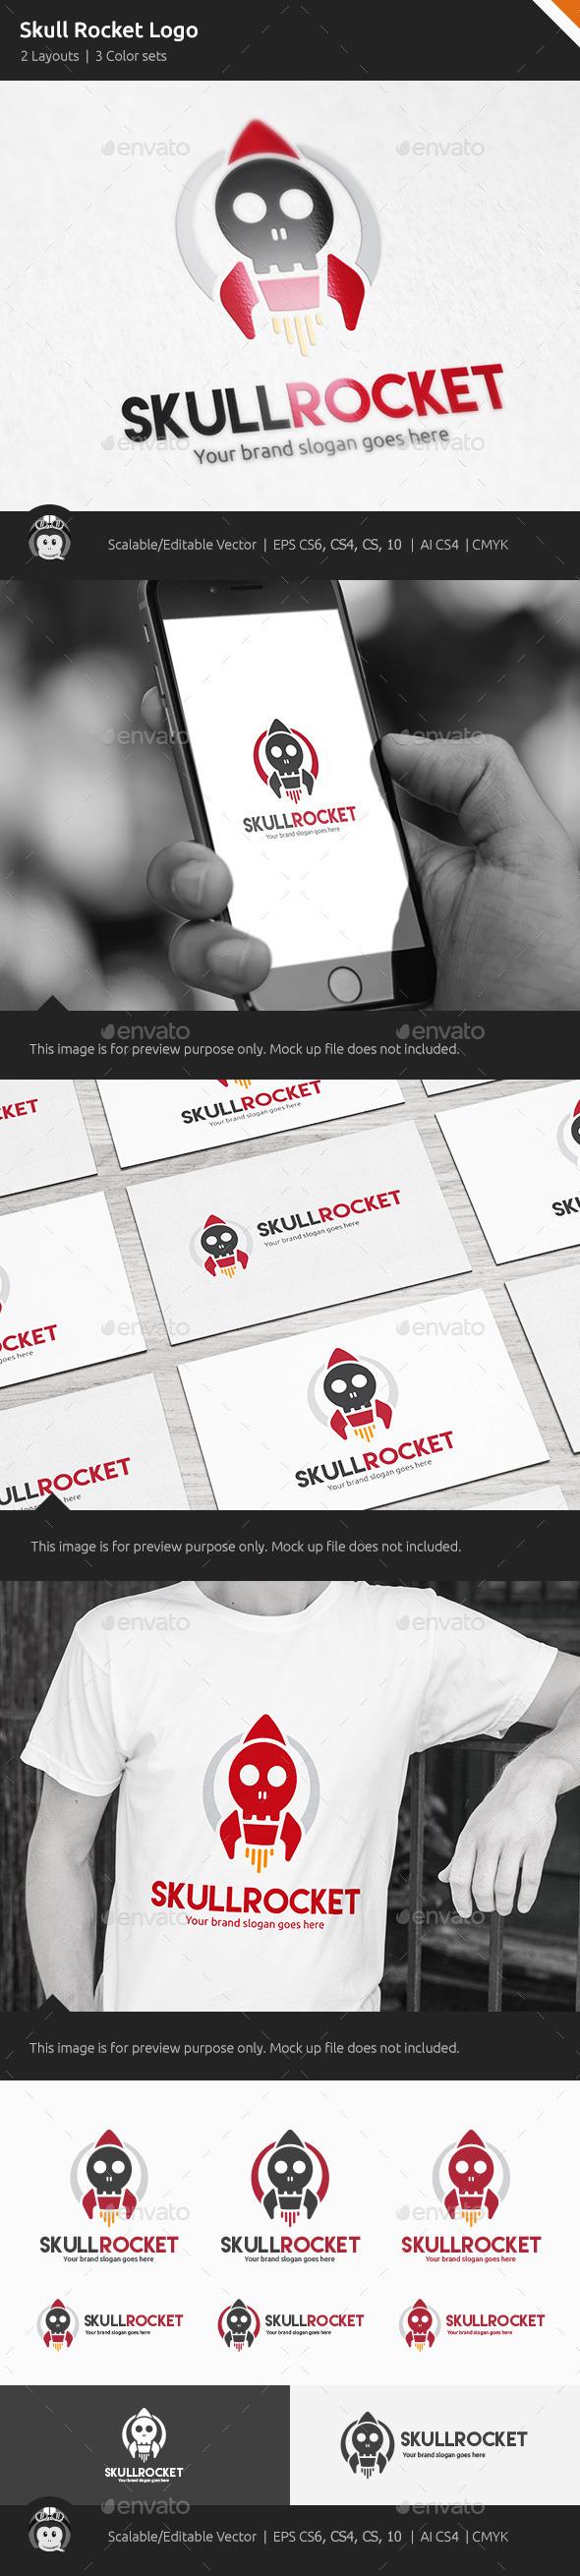 GraphicRiver Skull Rocket Logo 10468918